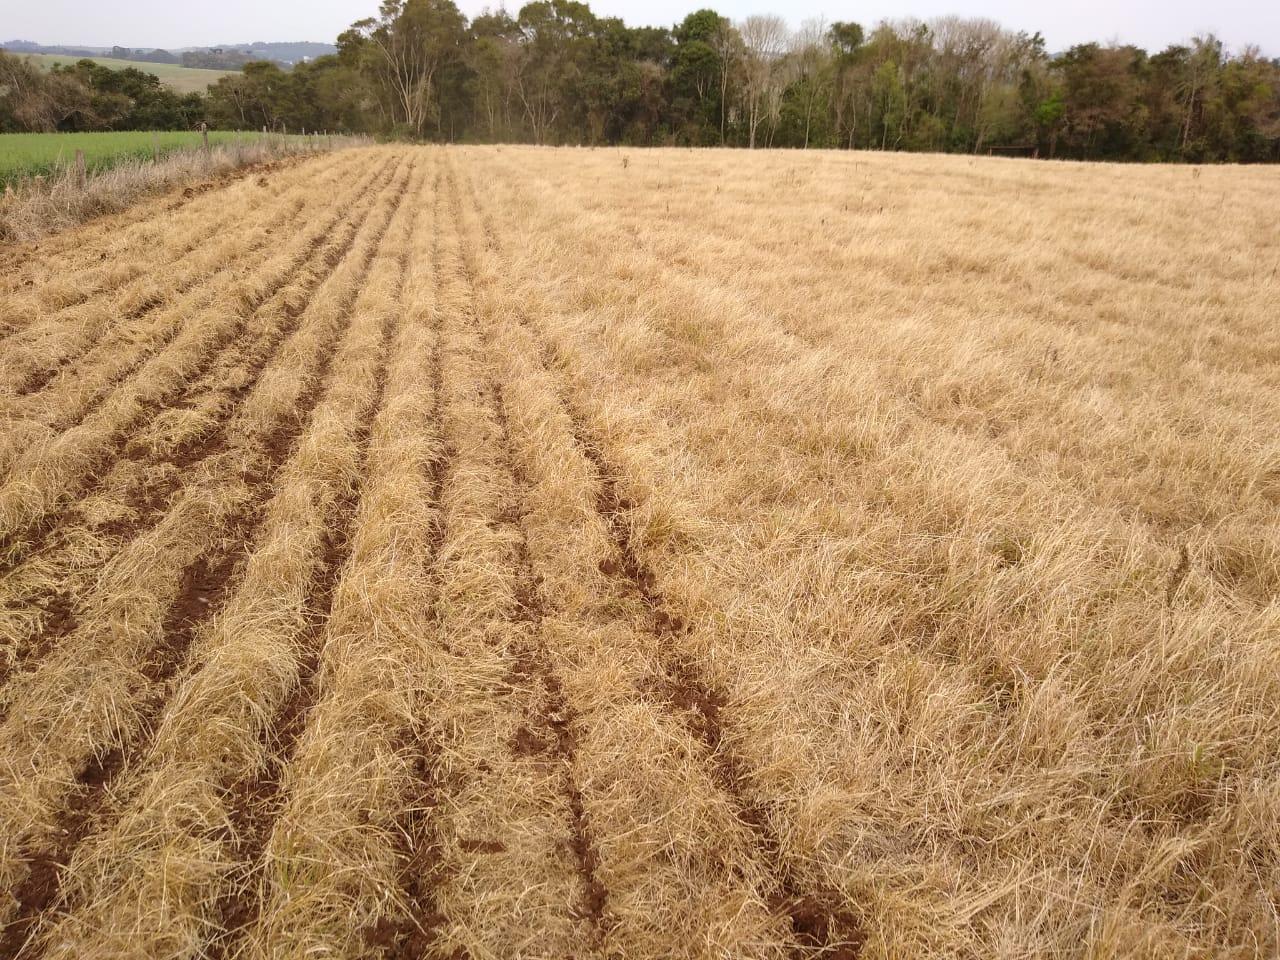 Condição Ideal plantio Milho em Sananduva (RS). Envio de Alexandre Maitto,